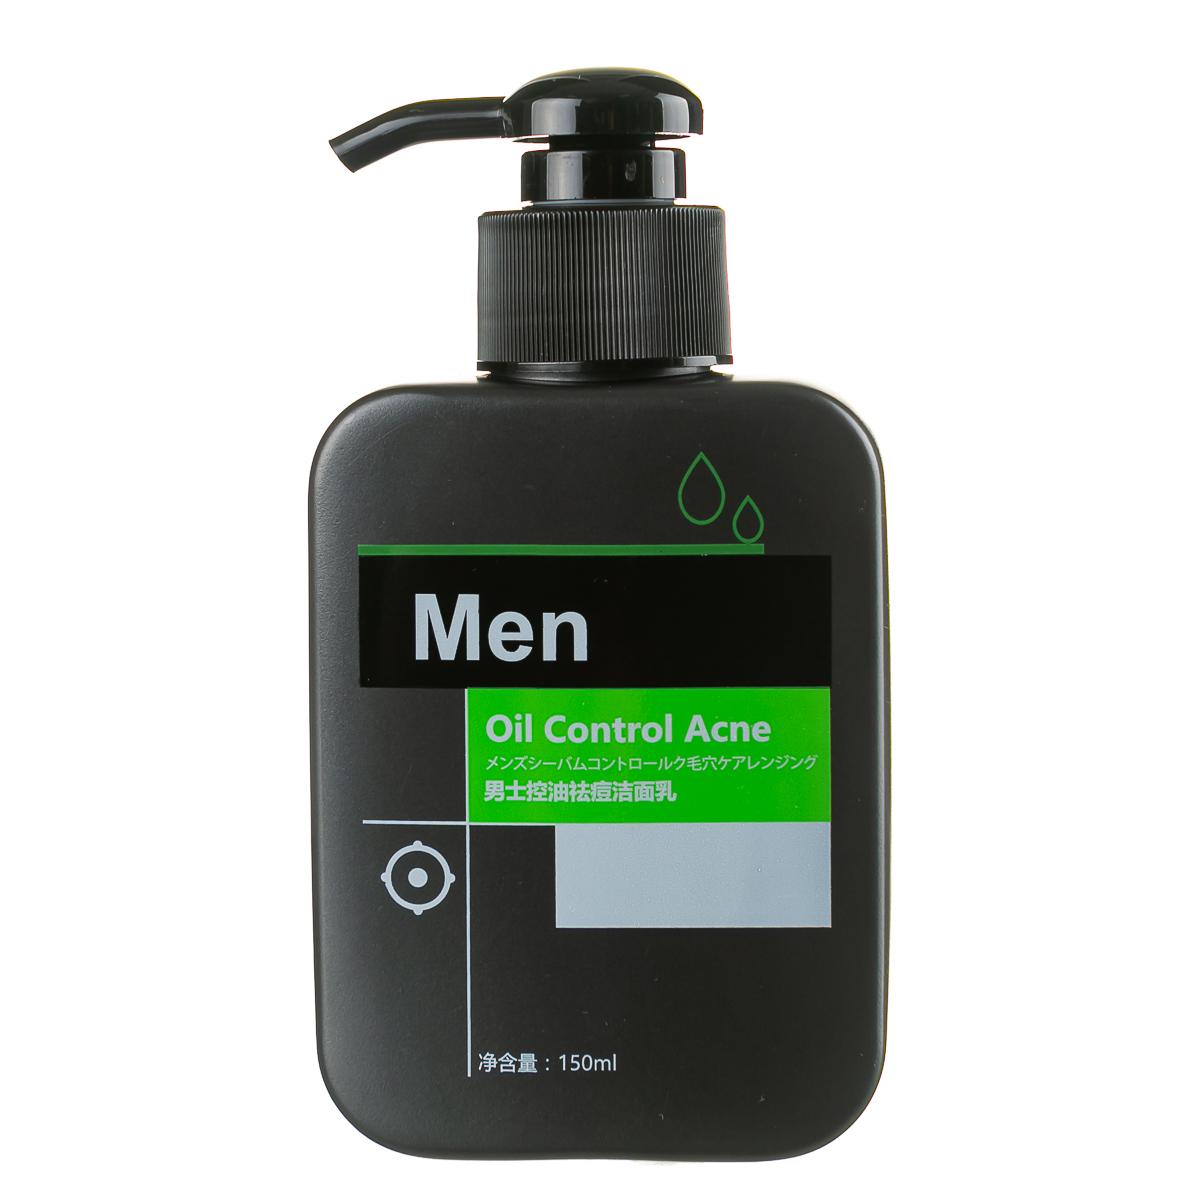 Средство для очищения лица, молочко, для мужчин, нормализует жирность кожи, устраняет прыщи